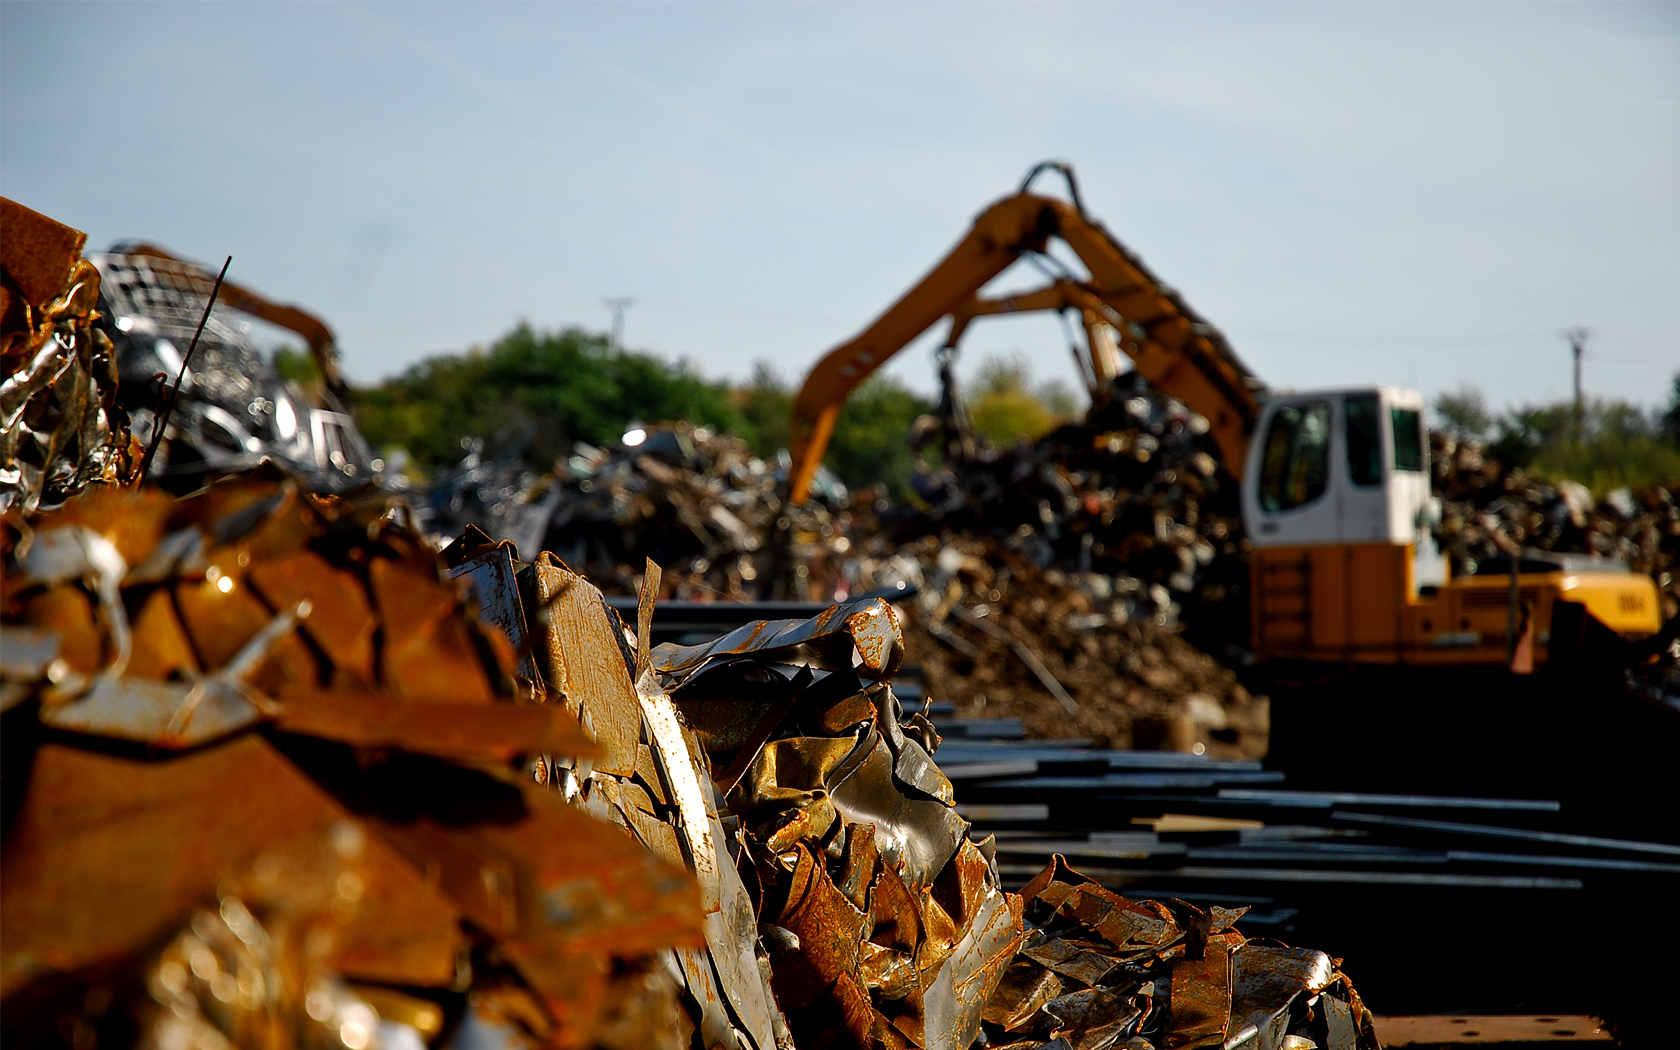 ανακύκλωση θεσσαλονίκη